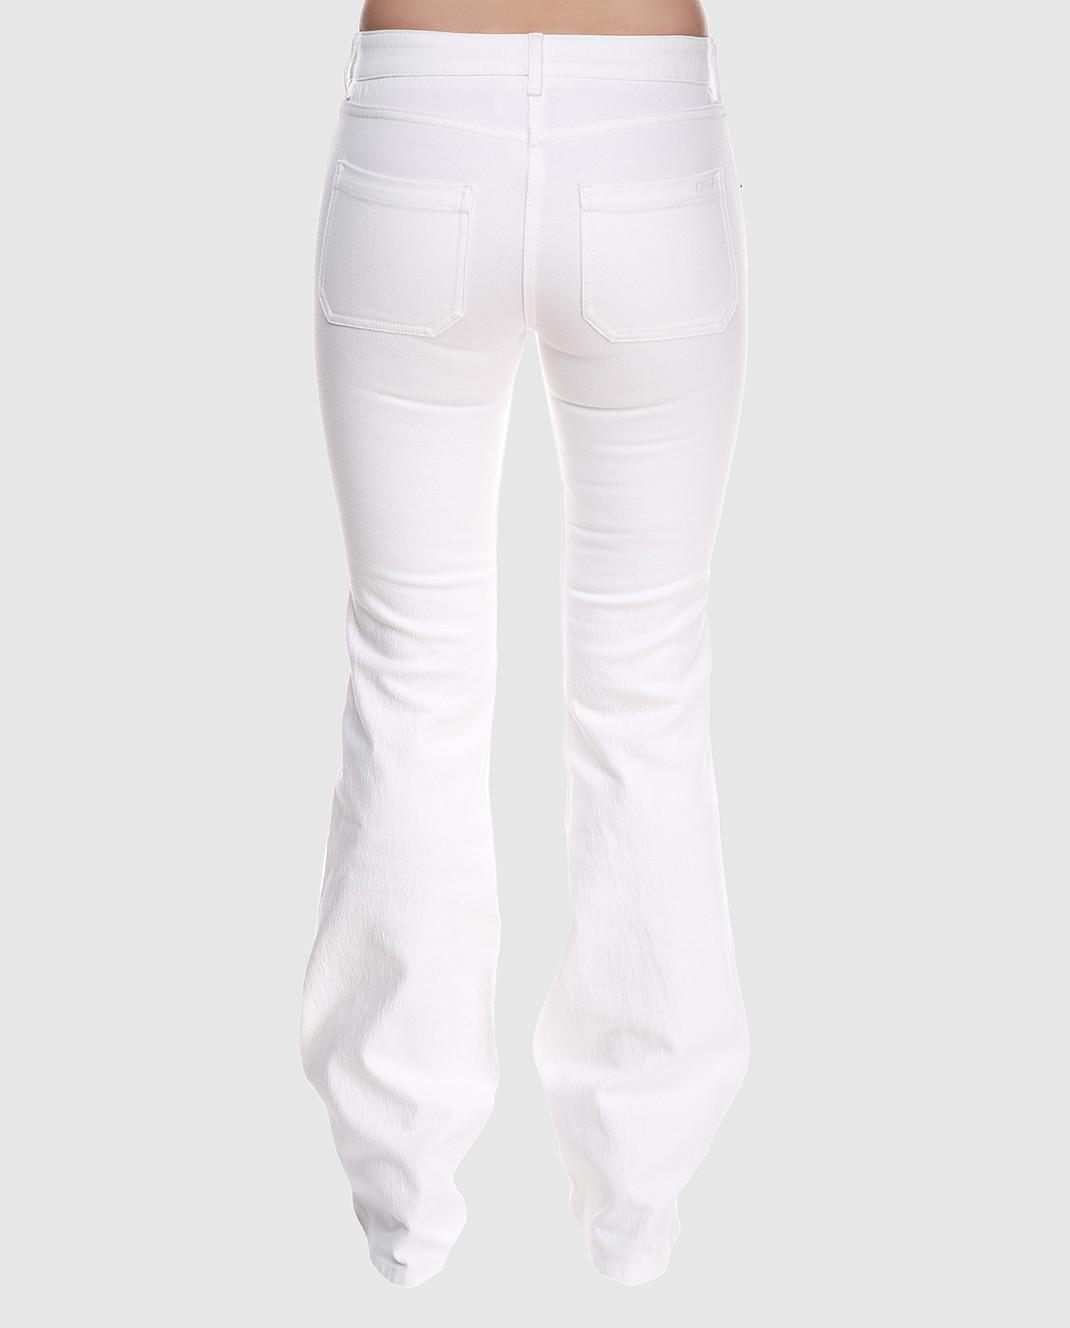 Chloe Белые джинсы 18SDP70154 изображение 4